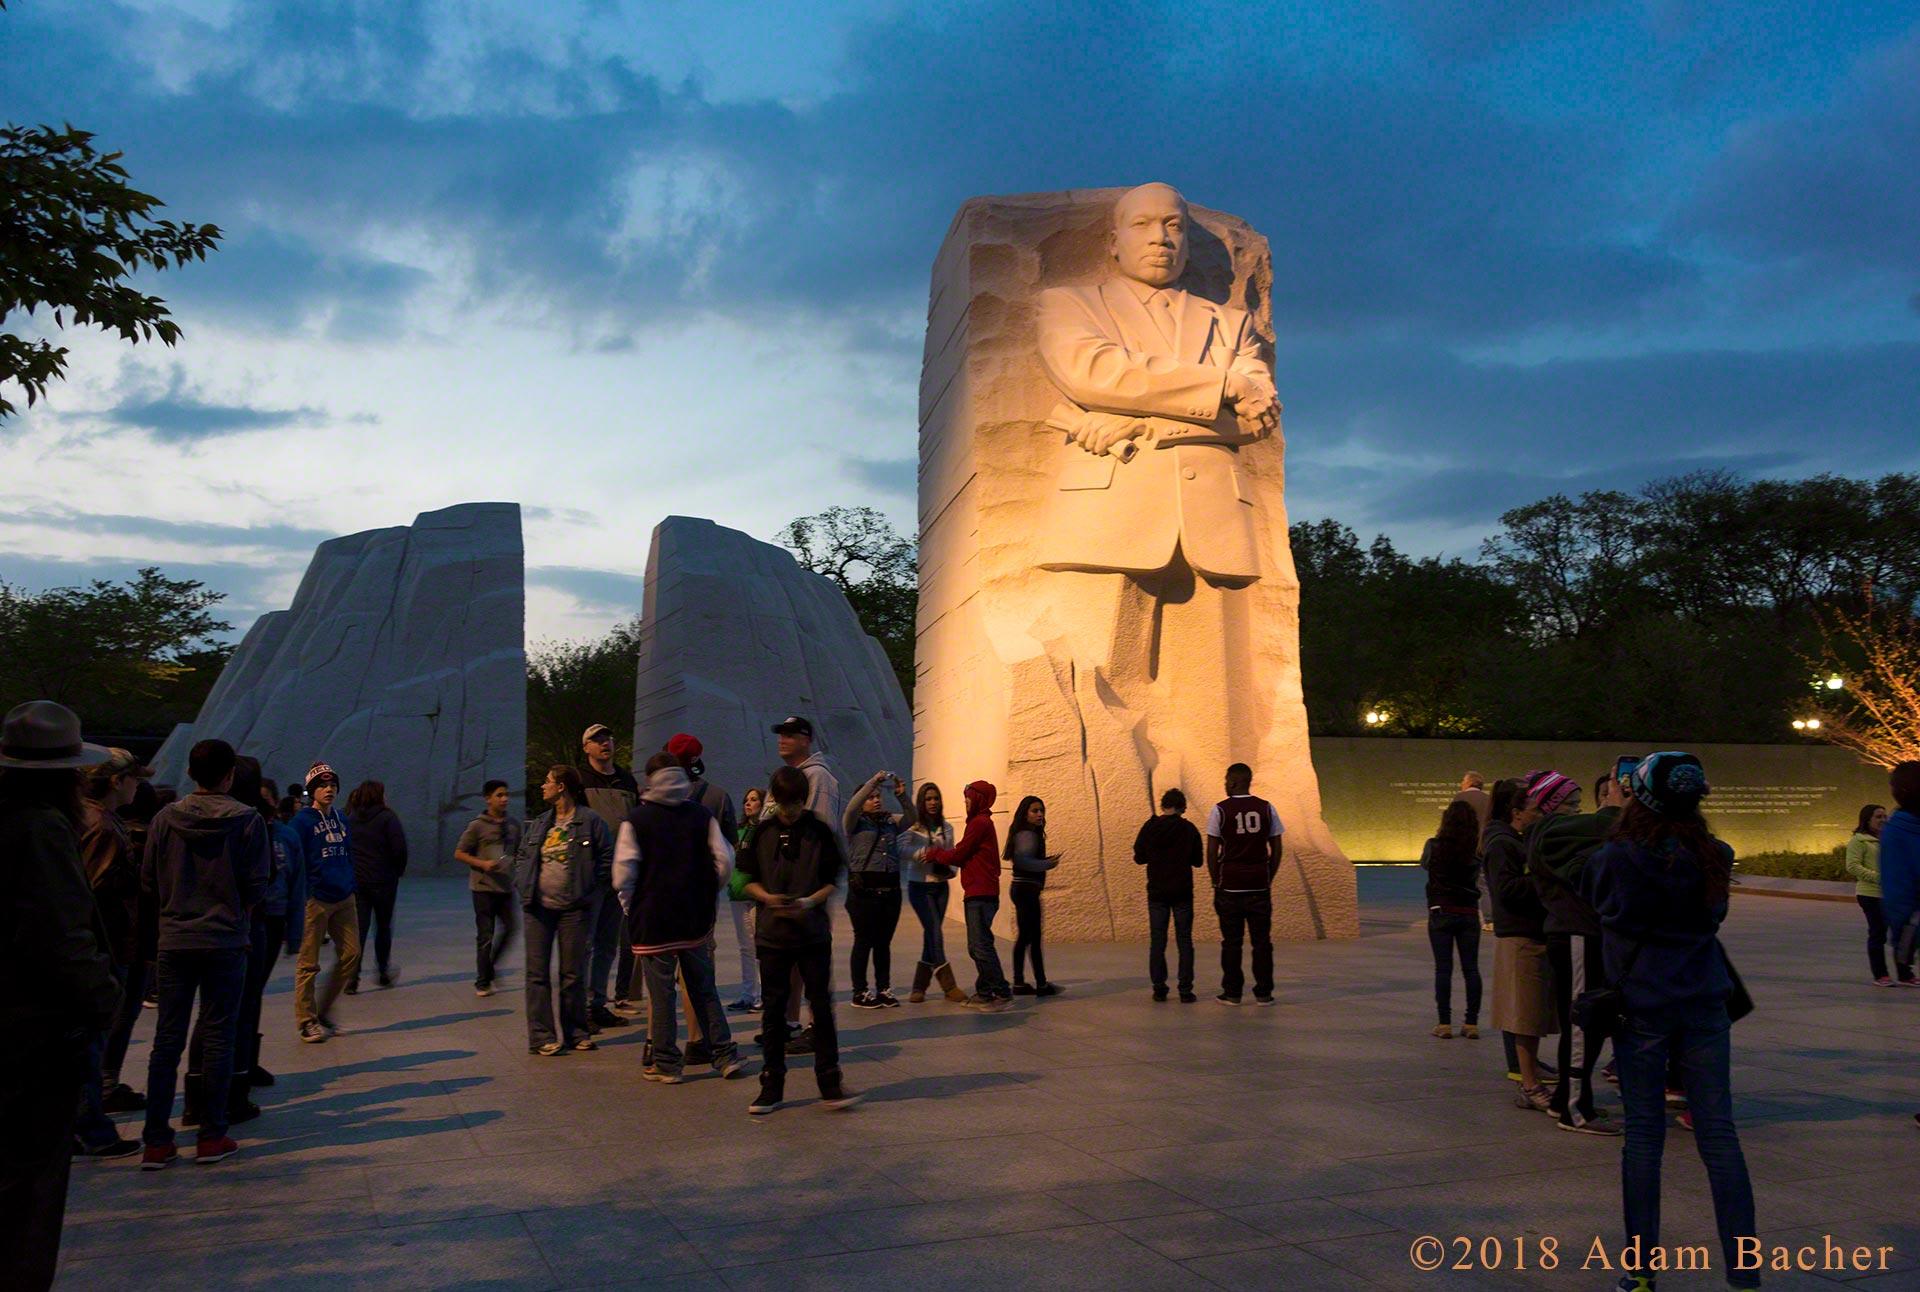 martin Luther king jr memorial, Washington DC at night